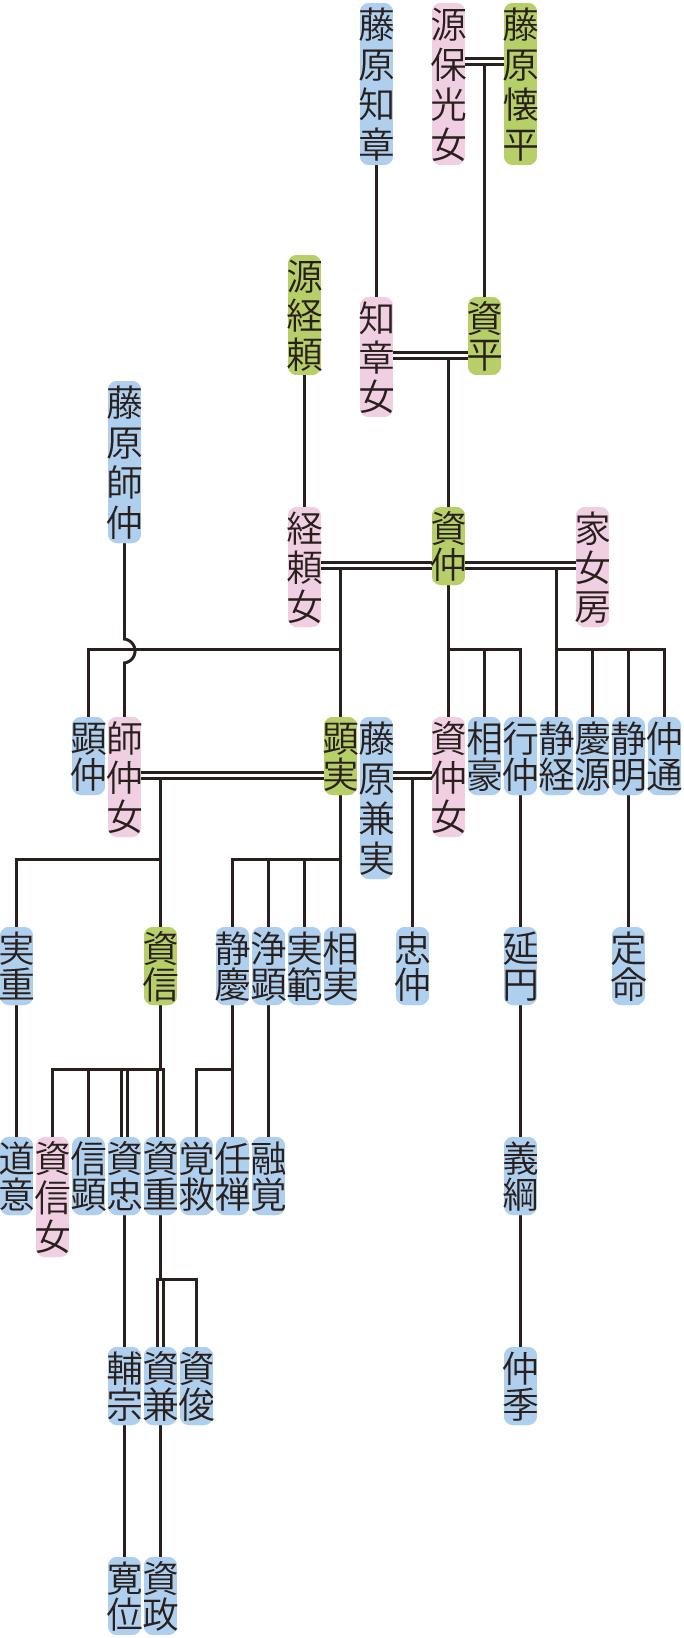 藤原資仲~資重の系図